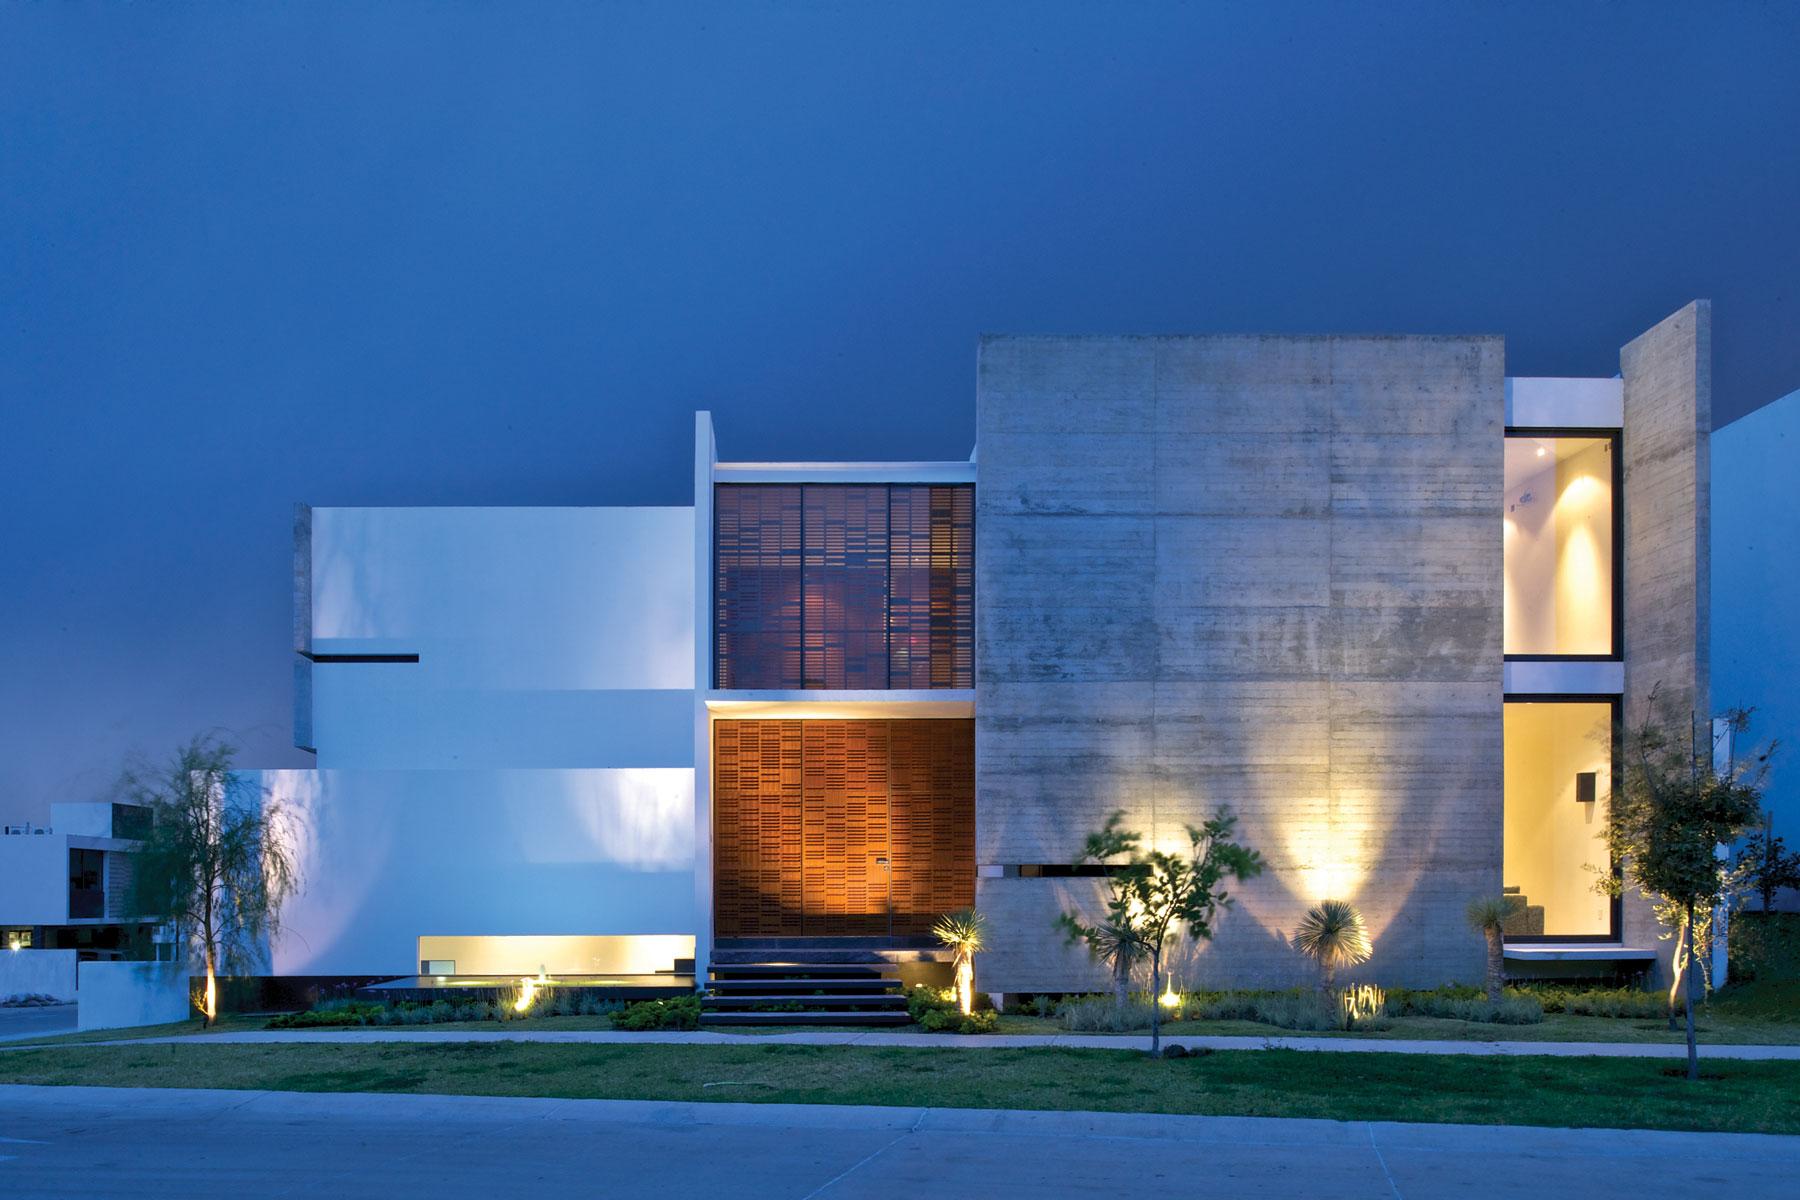 Декоративная подсветка фасада: плюсы и минусы (24 фото)